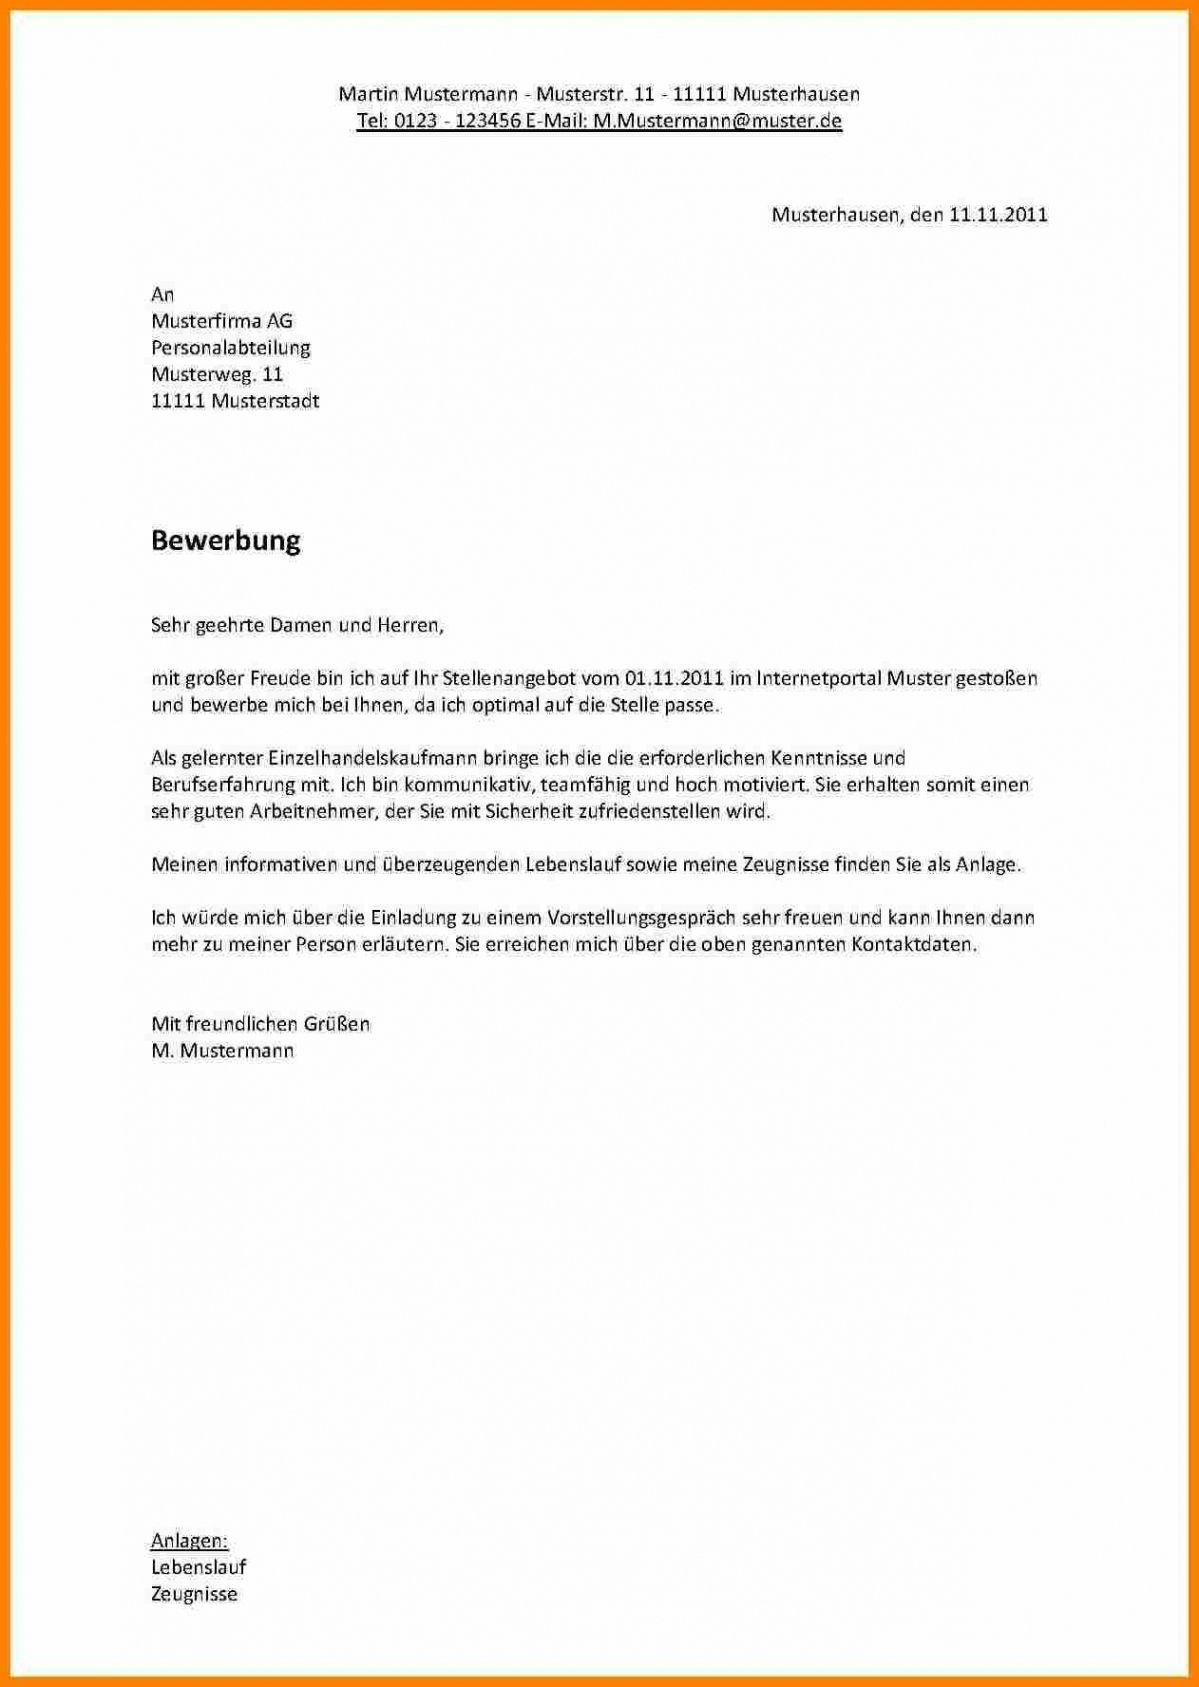 Durchsuchen Sie Unsere Druckversion Von Der Beispielschulung Fur Lebenslaufe Bis Hin Zu Verwaltungs In 2020 Bewerbung Schreiben Vorlagen Lebenslauf Bewerbungsschreiben